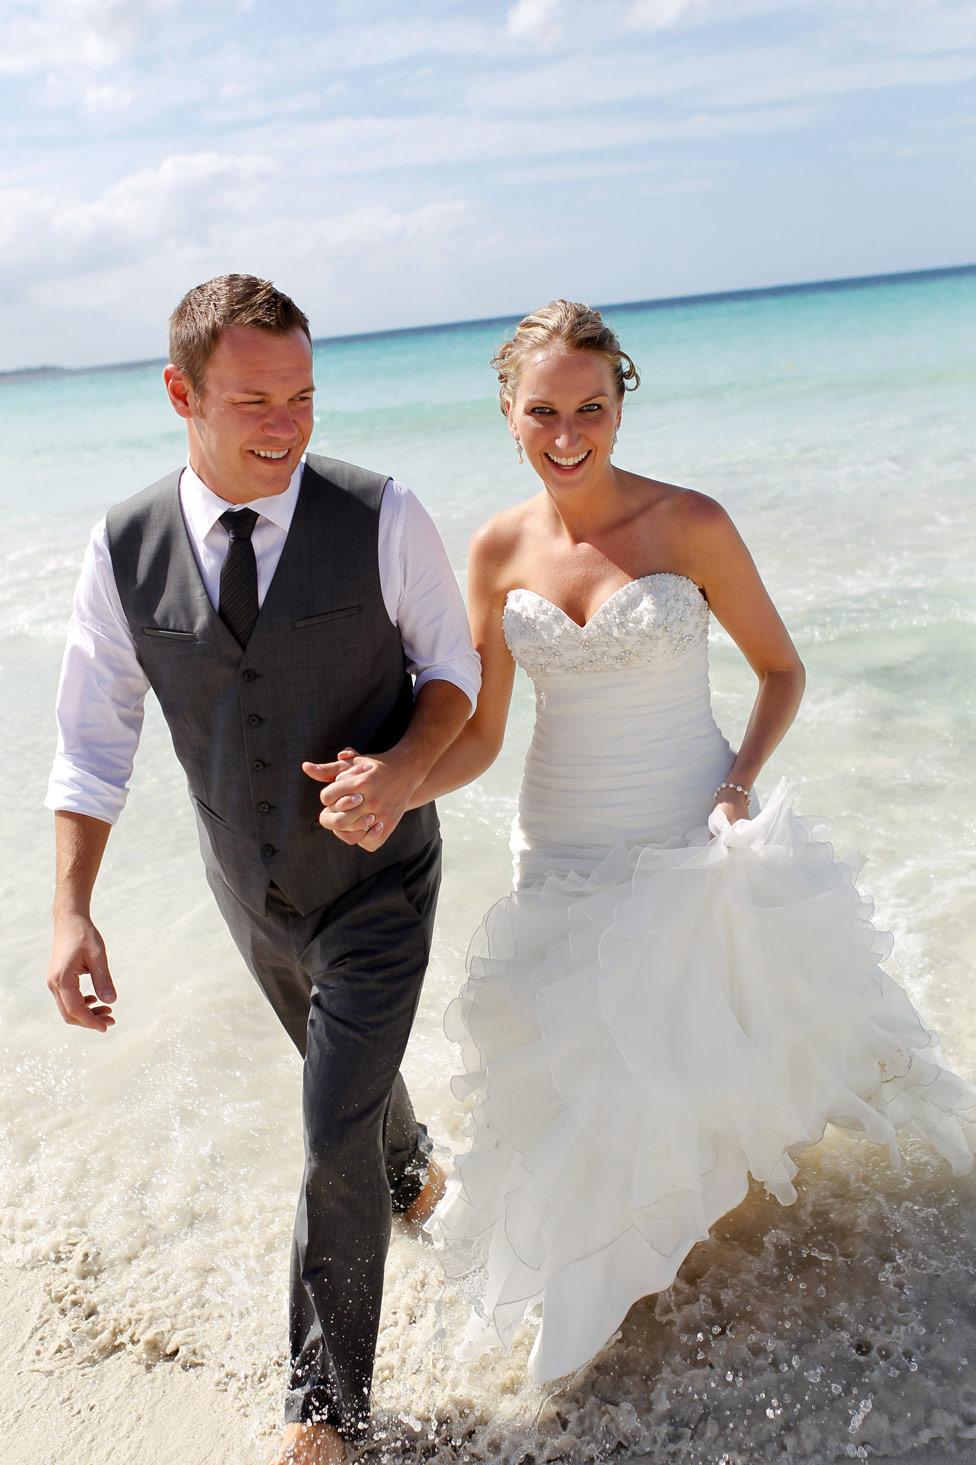 jamaica-milwaukee-destination-wedding-ruthie-hauge-photography-57.jpg